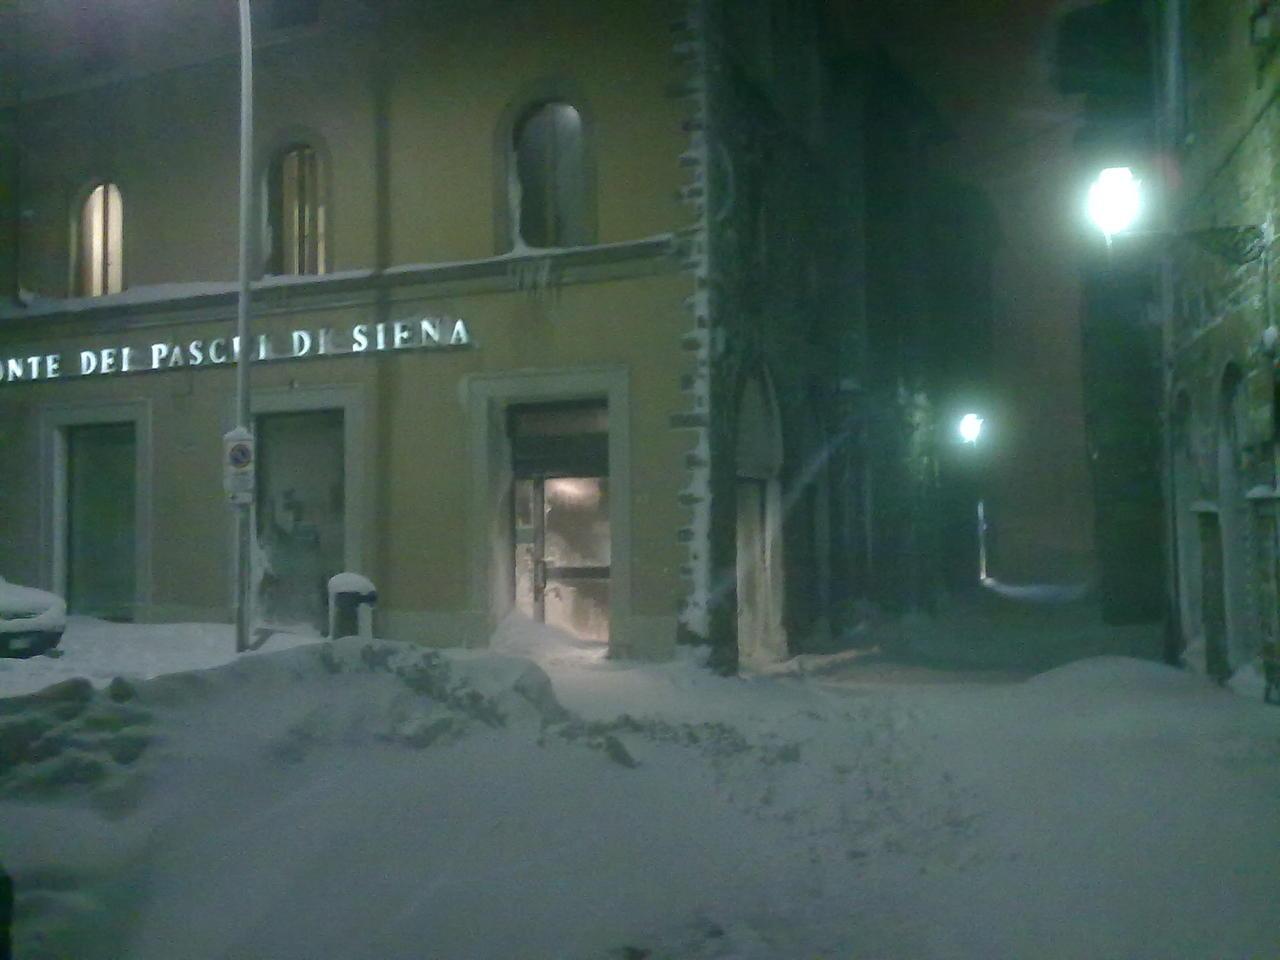 Volterra fotoreportage neve 9/10 marzo 2010..l'apoteosi nevosa!!-volterra-9-10-marzo-2010-sera-12-.jpg